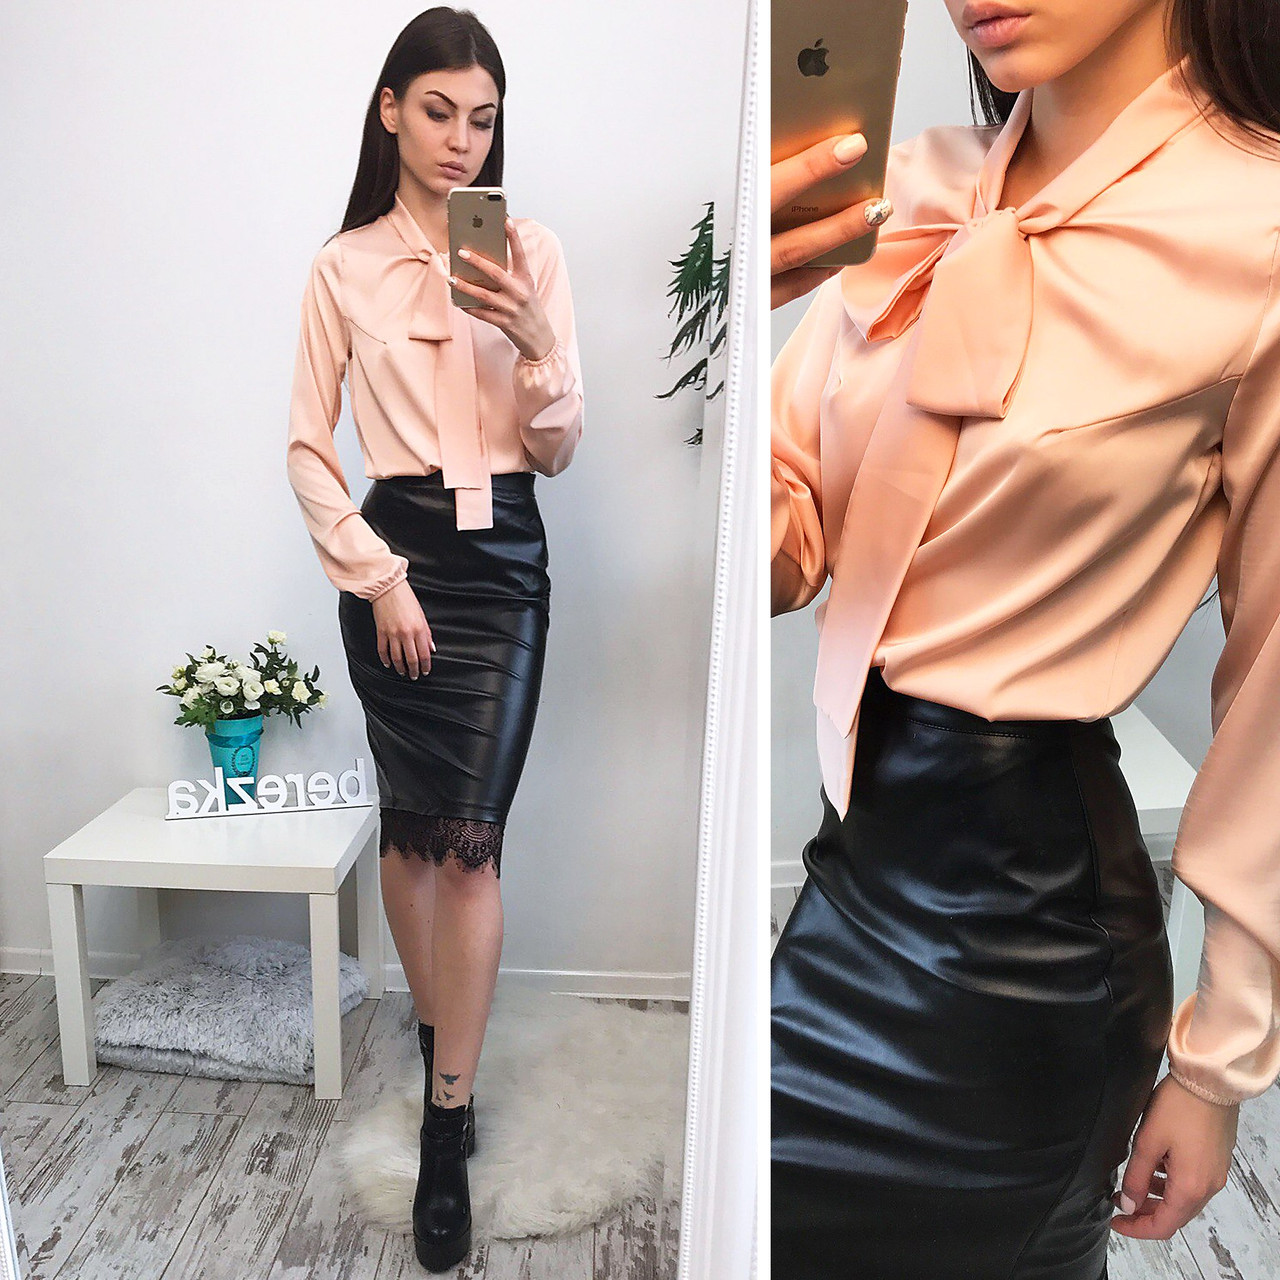 Женский юбочный костюм,кожаная юбка + блуза шелк,разные цвета!, цена ... a509a465b42